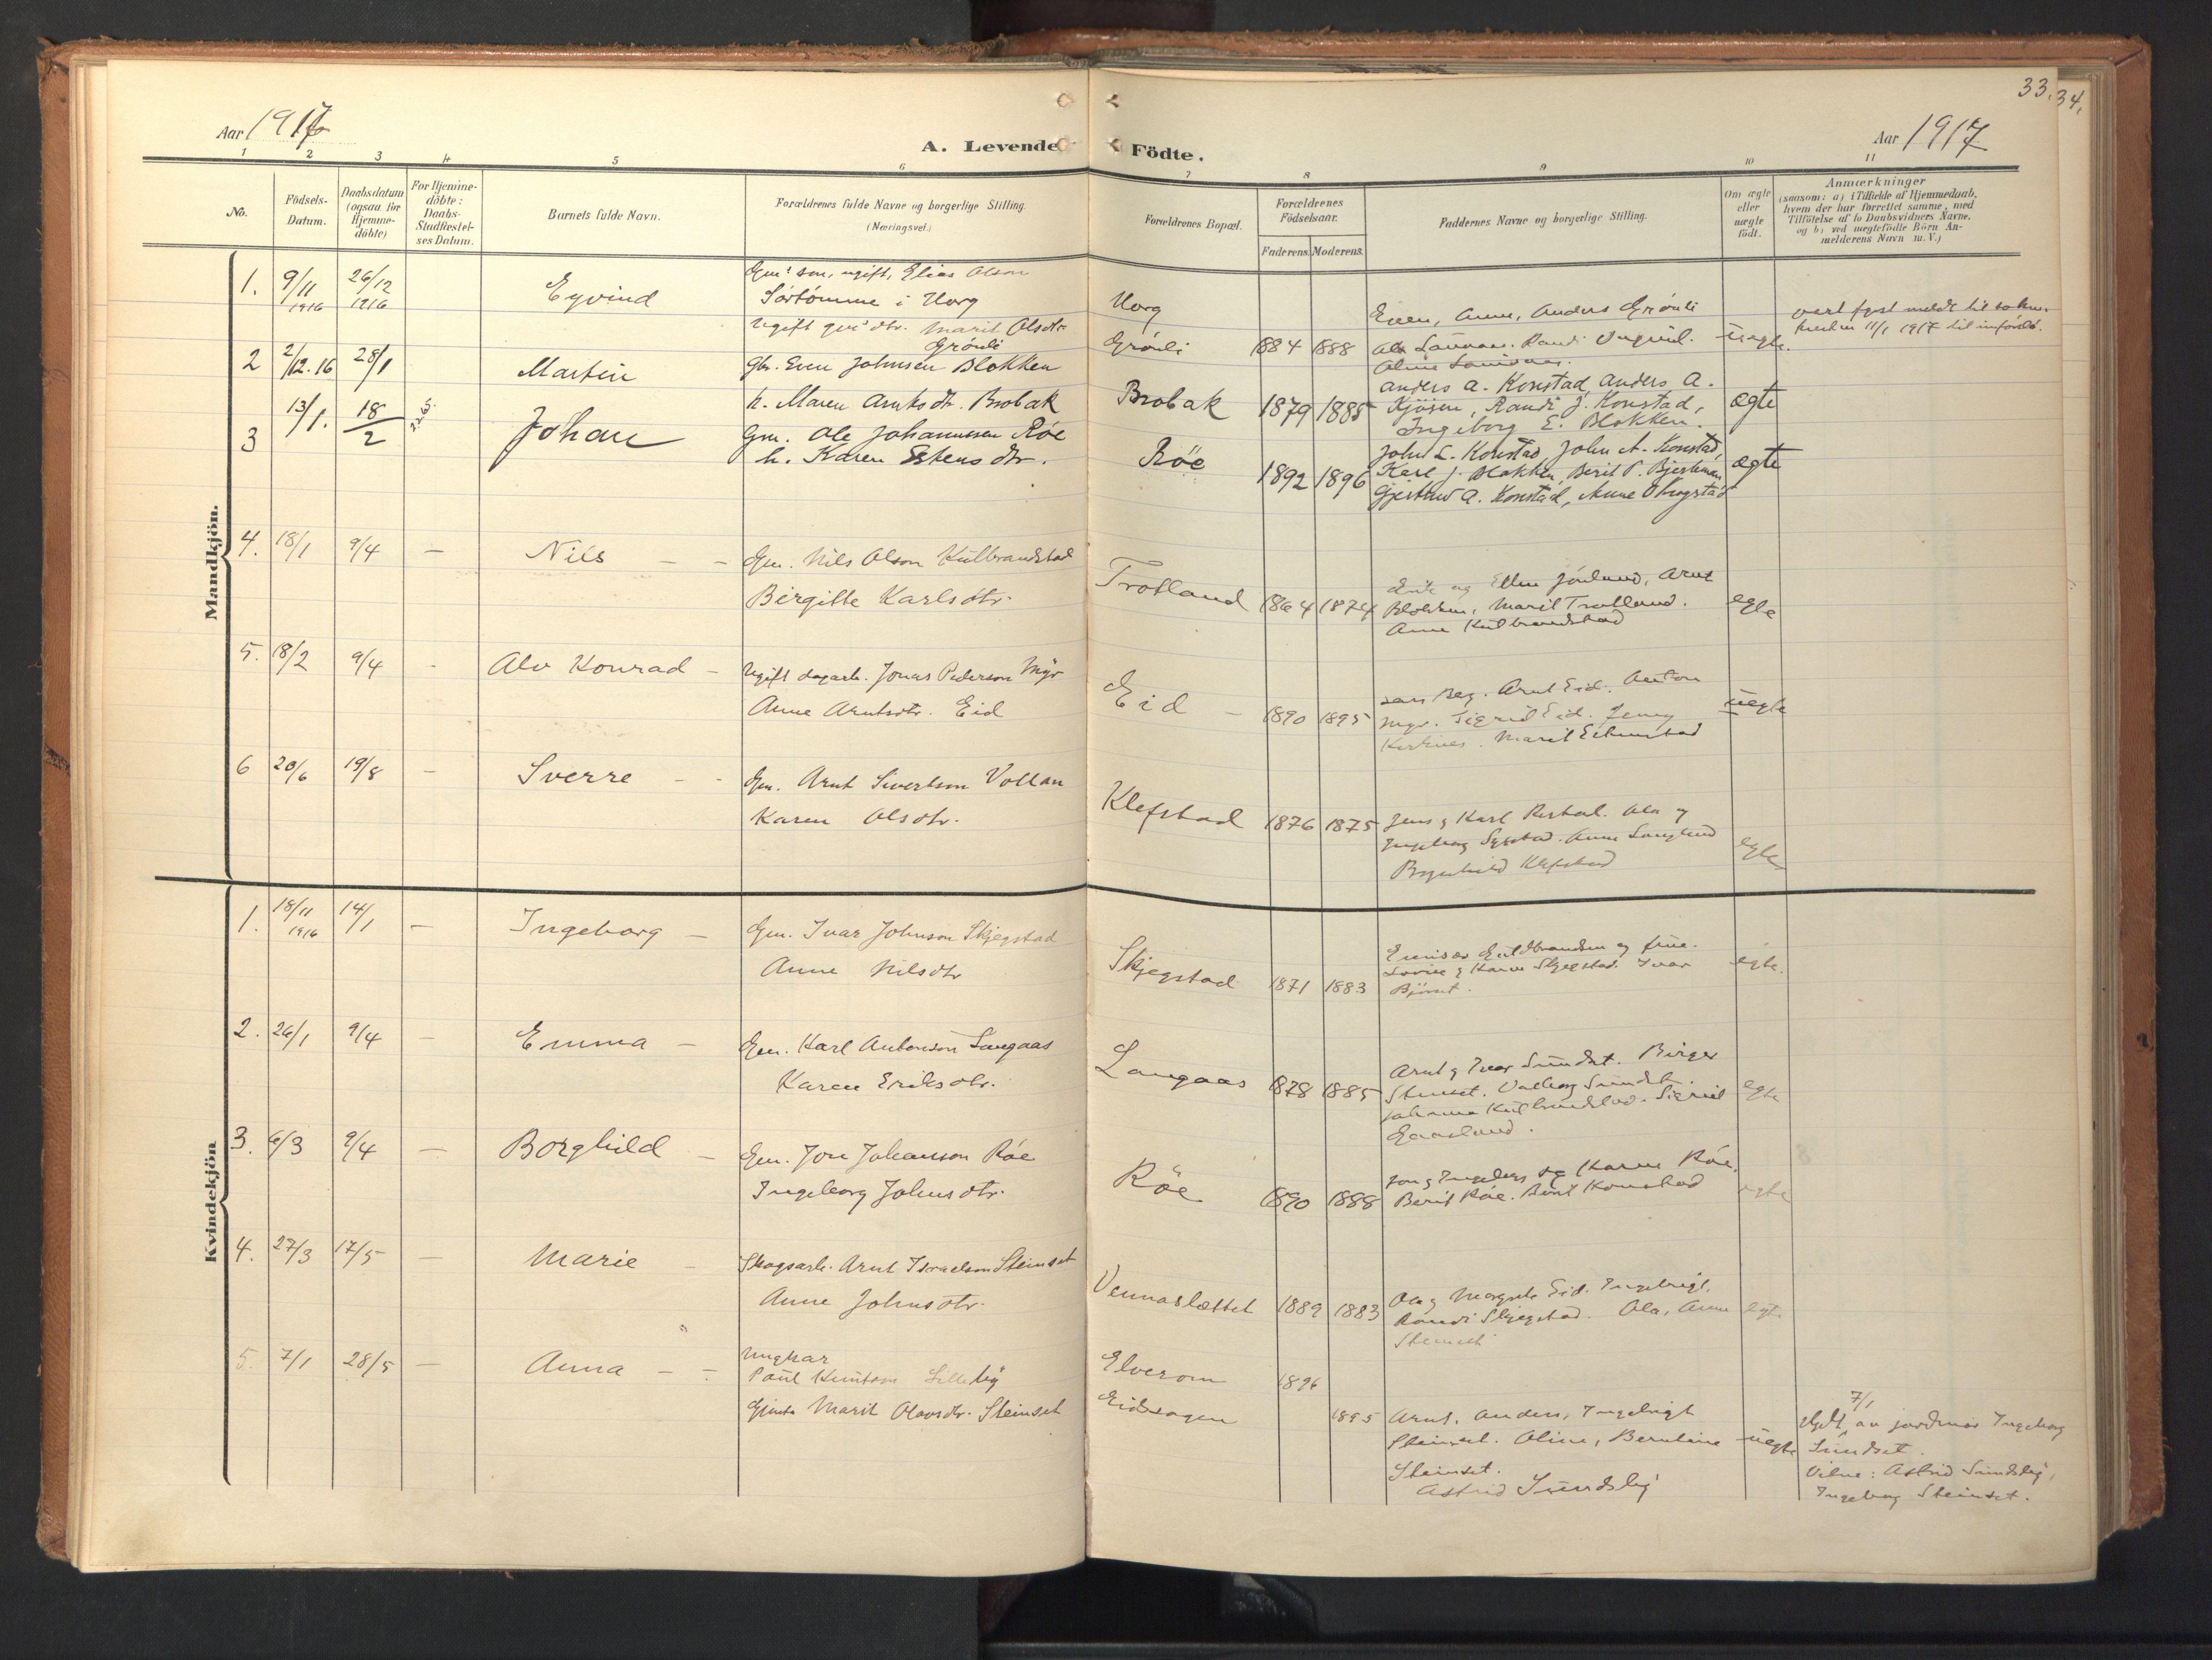 SAT, Ministerialprotokoller, klokkerbøker og fødselsregistre - Sør-Trøndelag, 694/L1128: Ministerialbok nr. 694A02, 1906-1931, s. 33